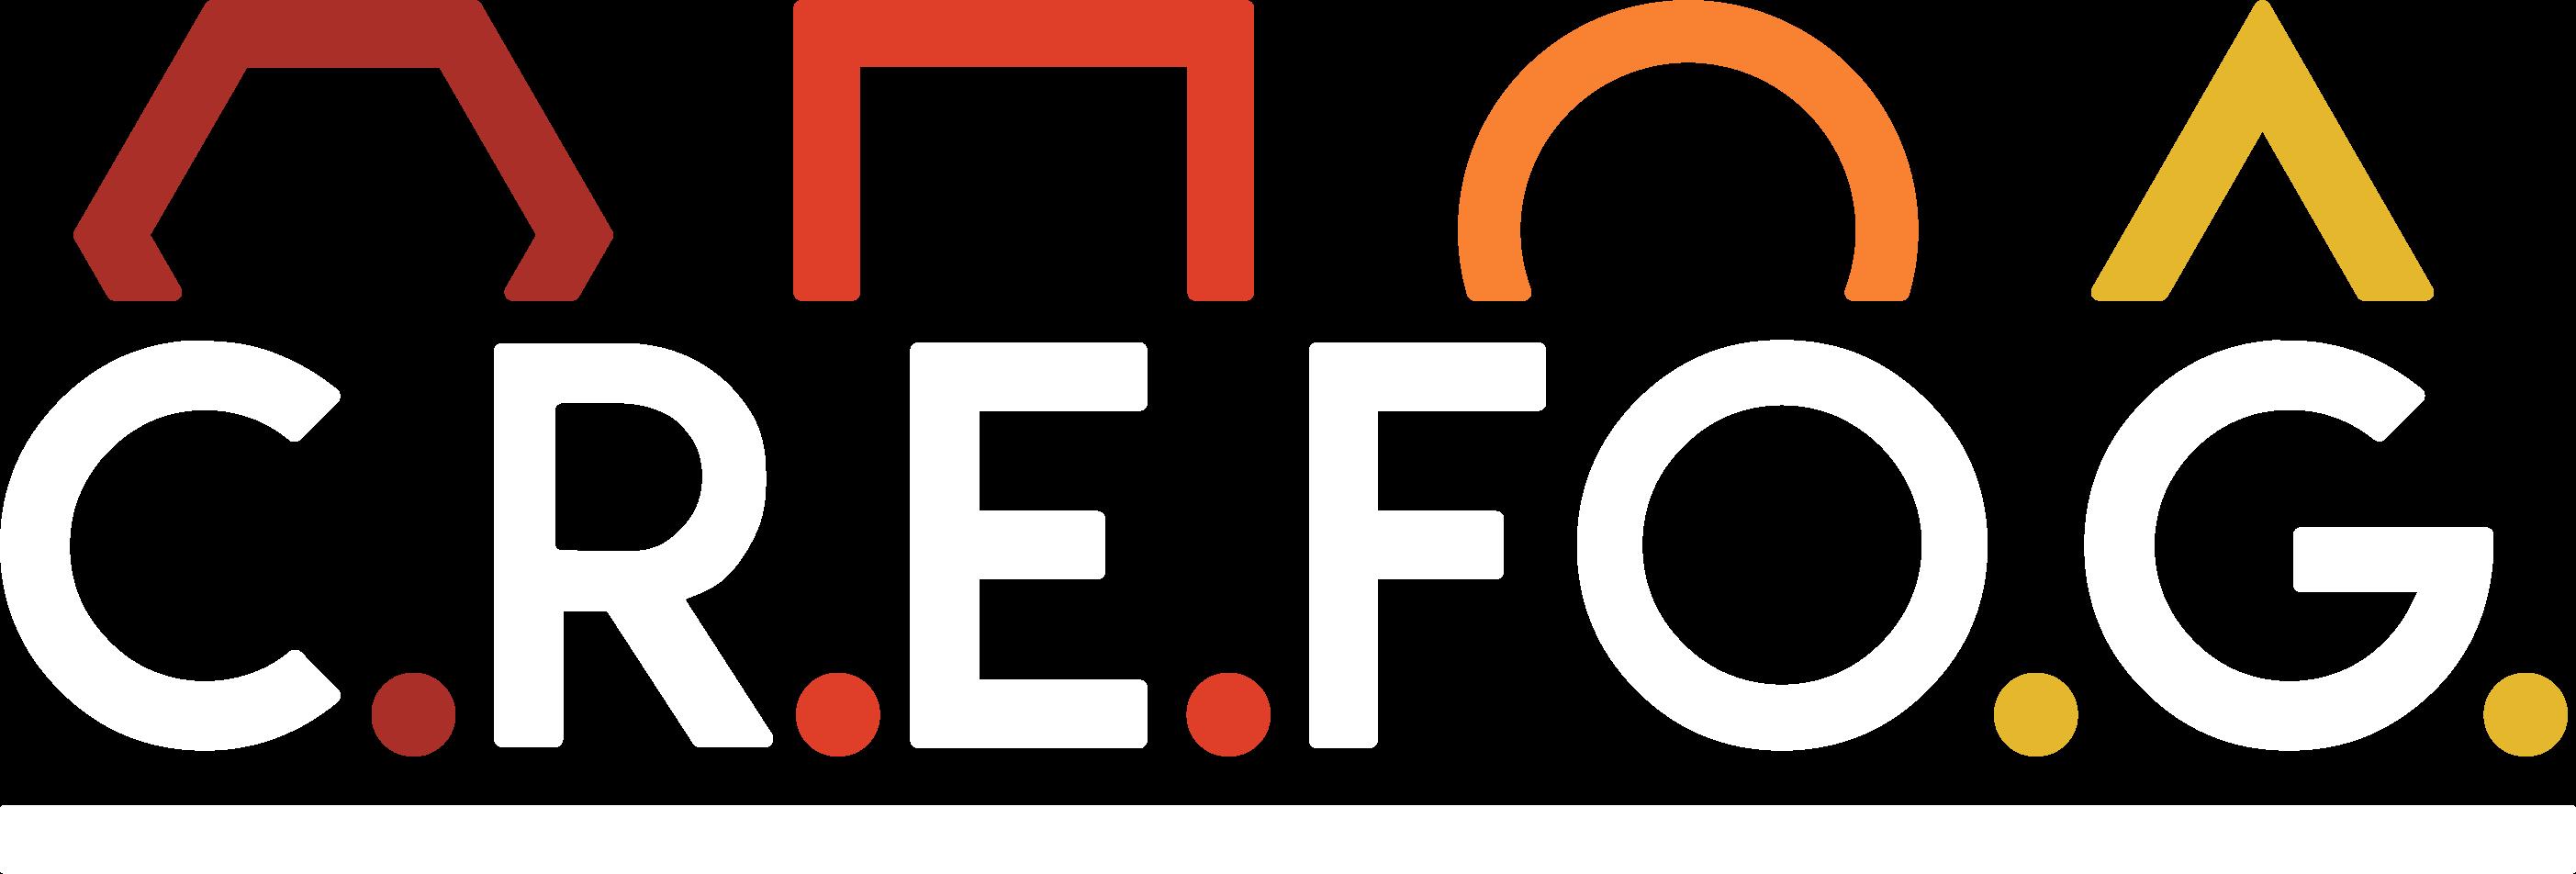 C.R.E.FO.G.